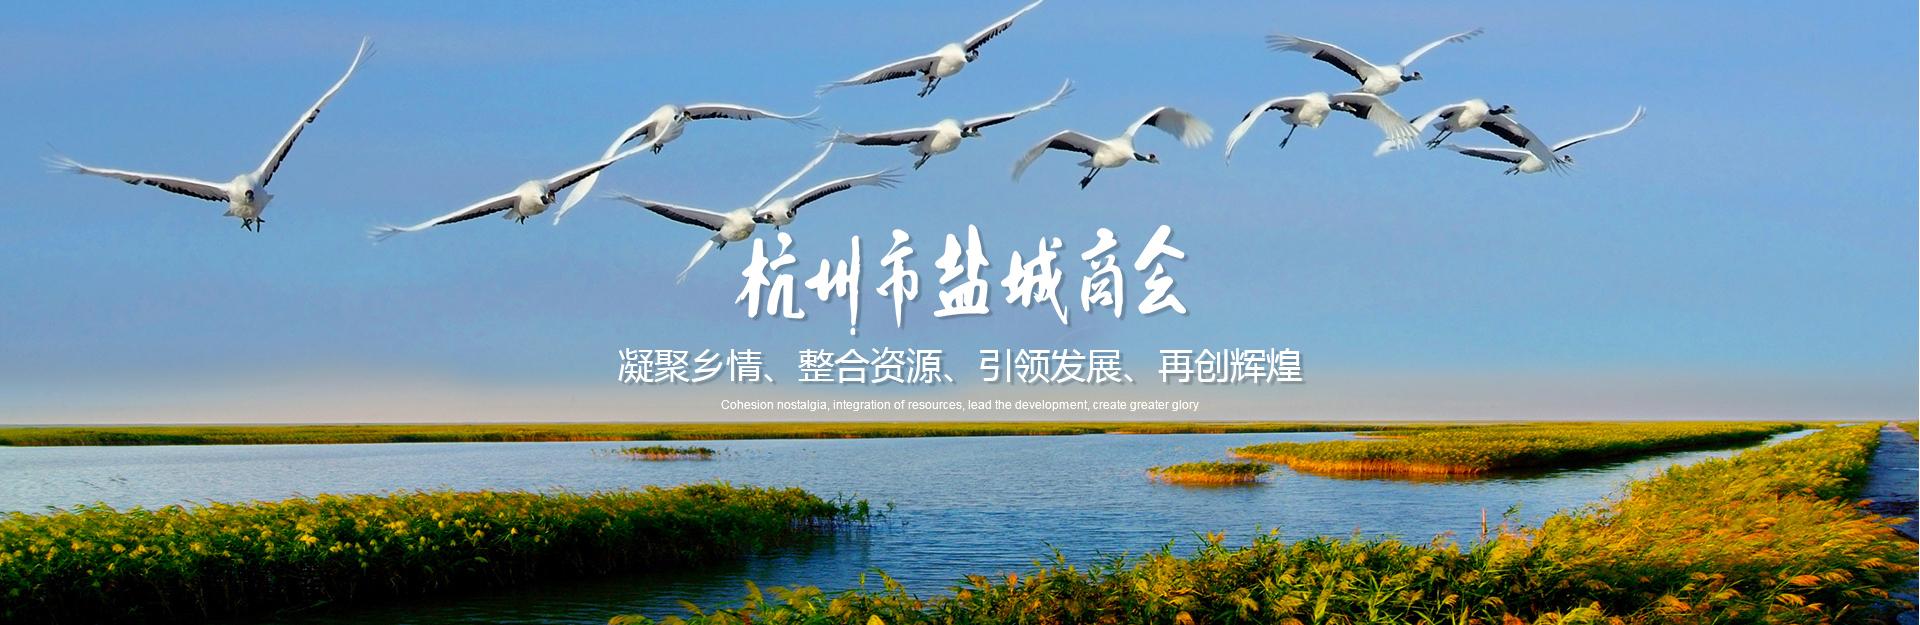 杭州市盐城商会